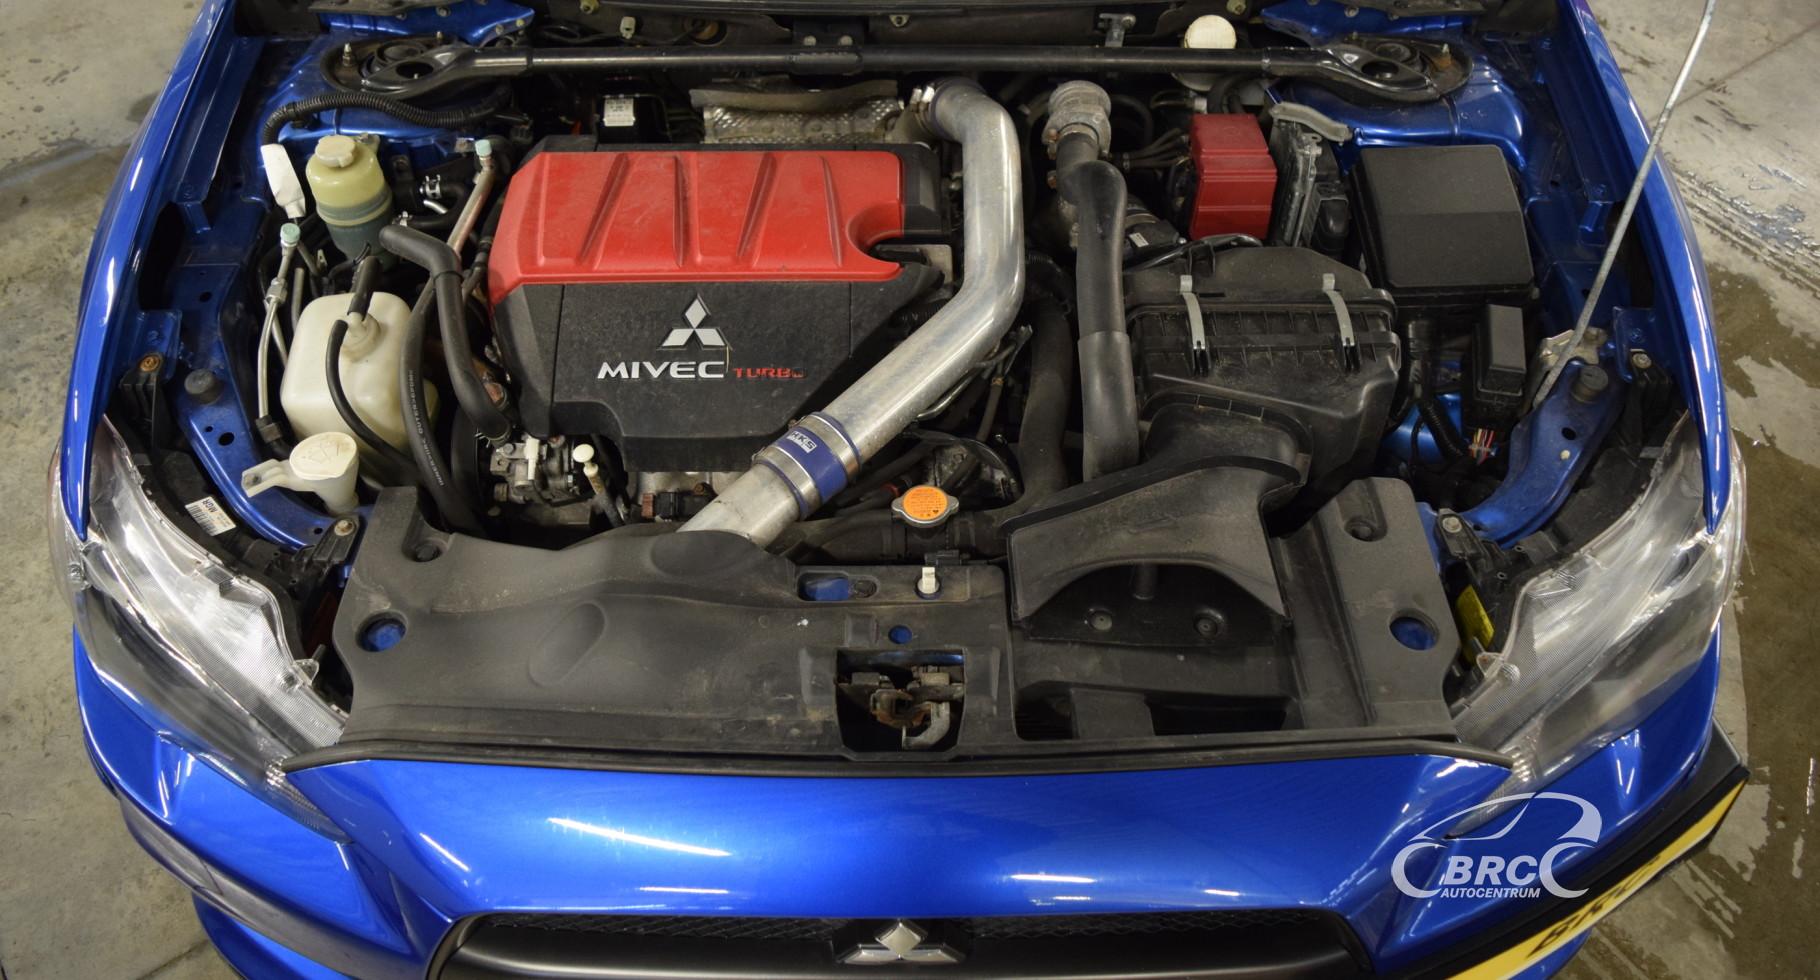 Mitsubishi Lancer Evolution X FQ400 400hp